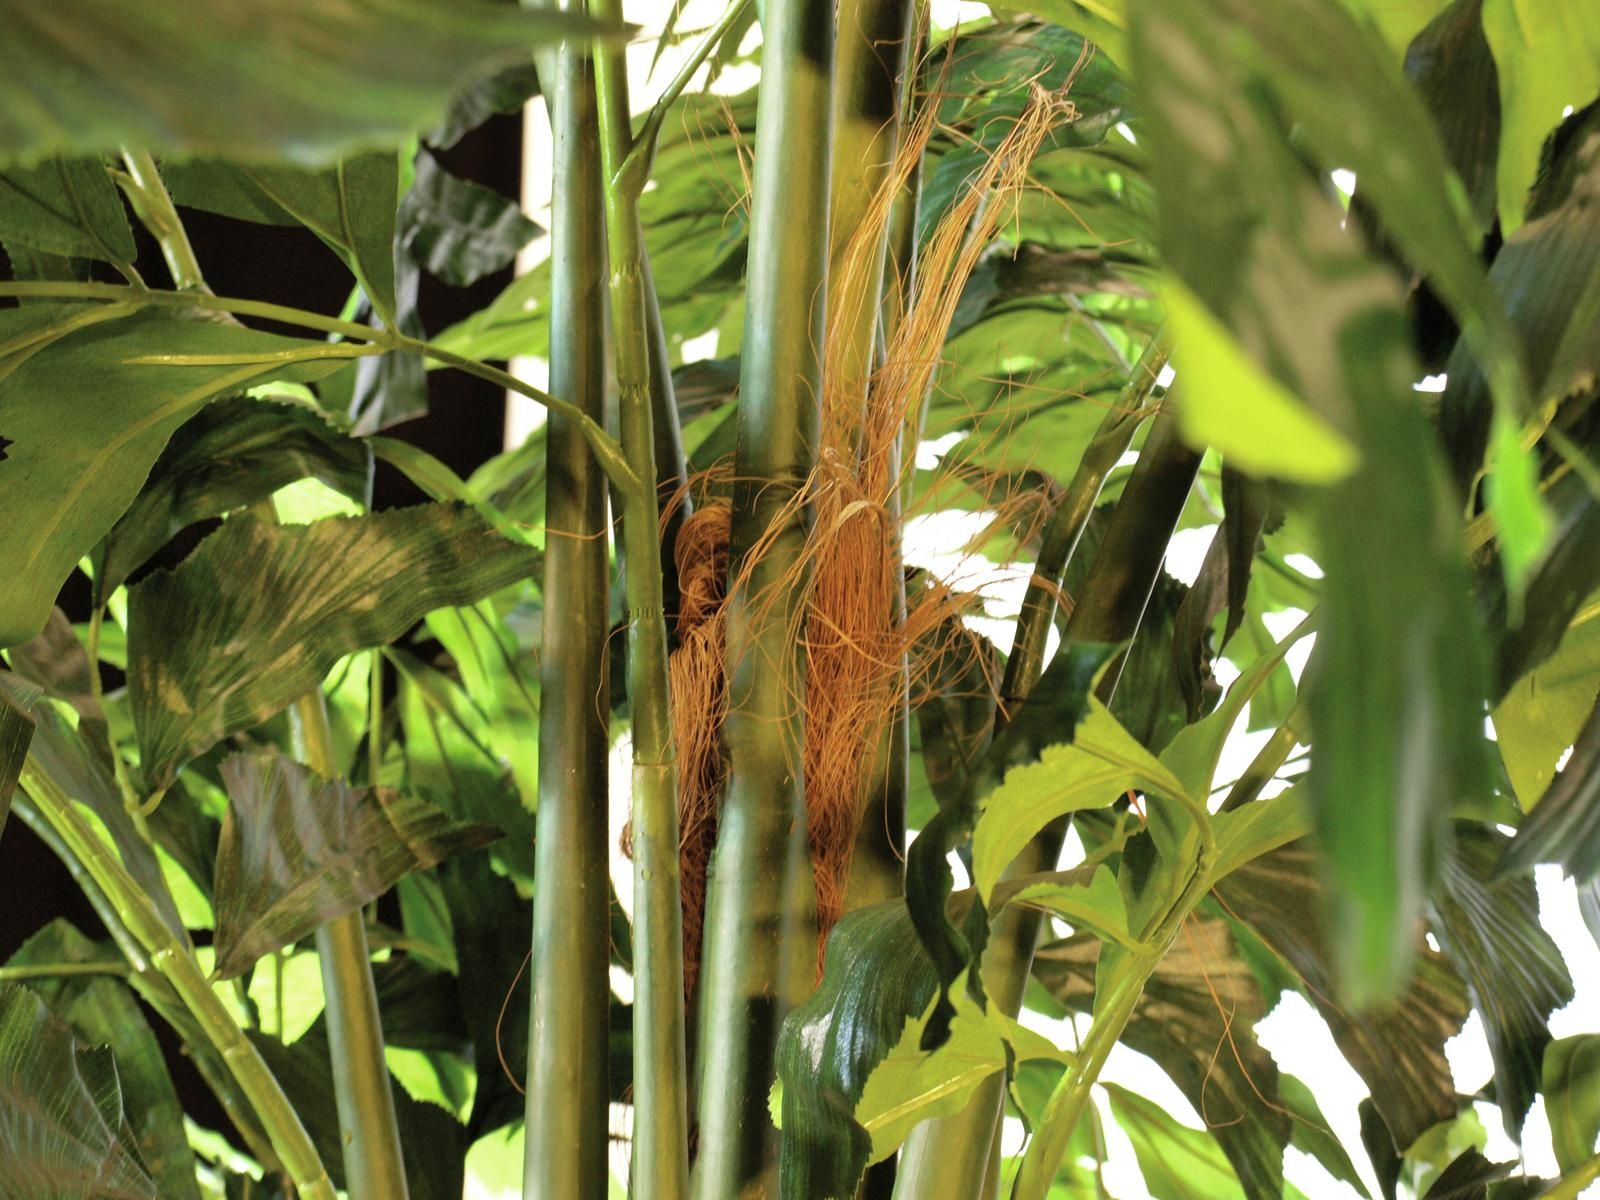 Sztuczne Kwiaty Dlaczego Wybieramy Sztuczne Rosliny Europalms Blog Megascena Pl Plant Leaves Plants Leaves